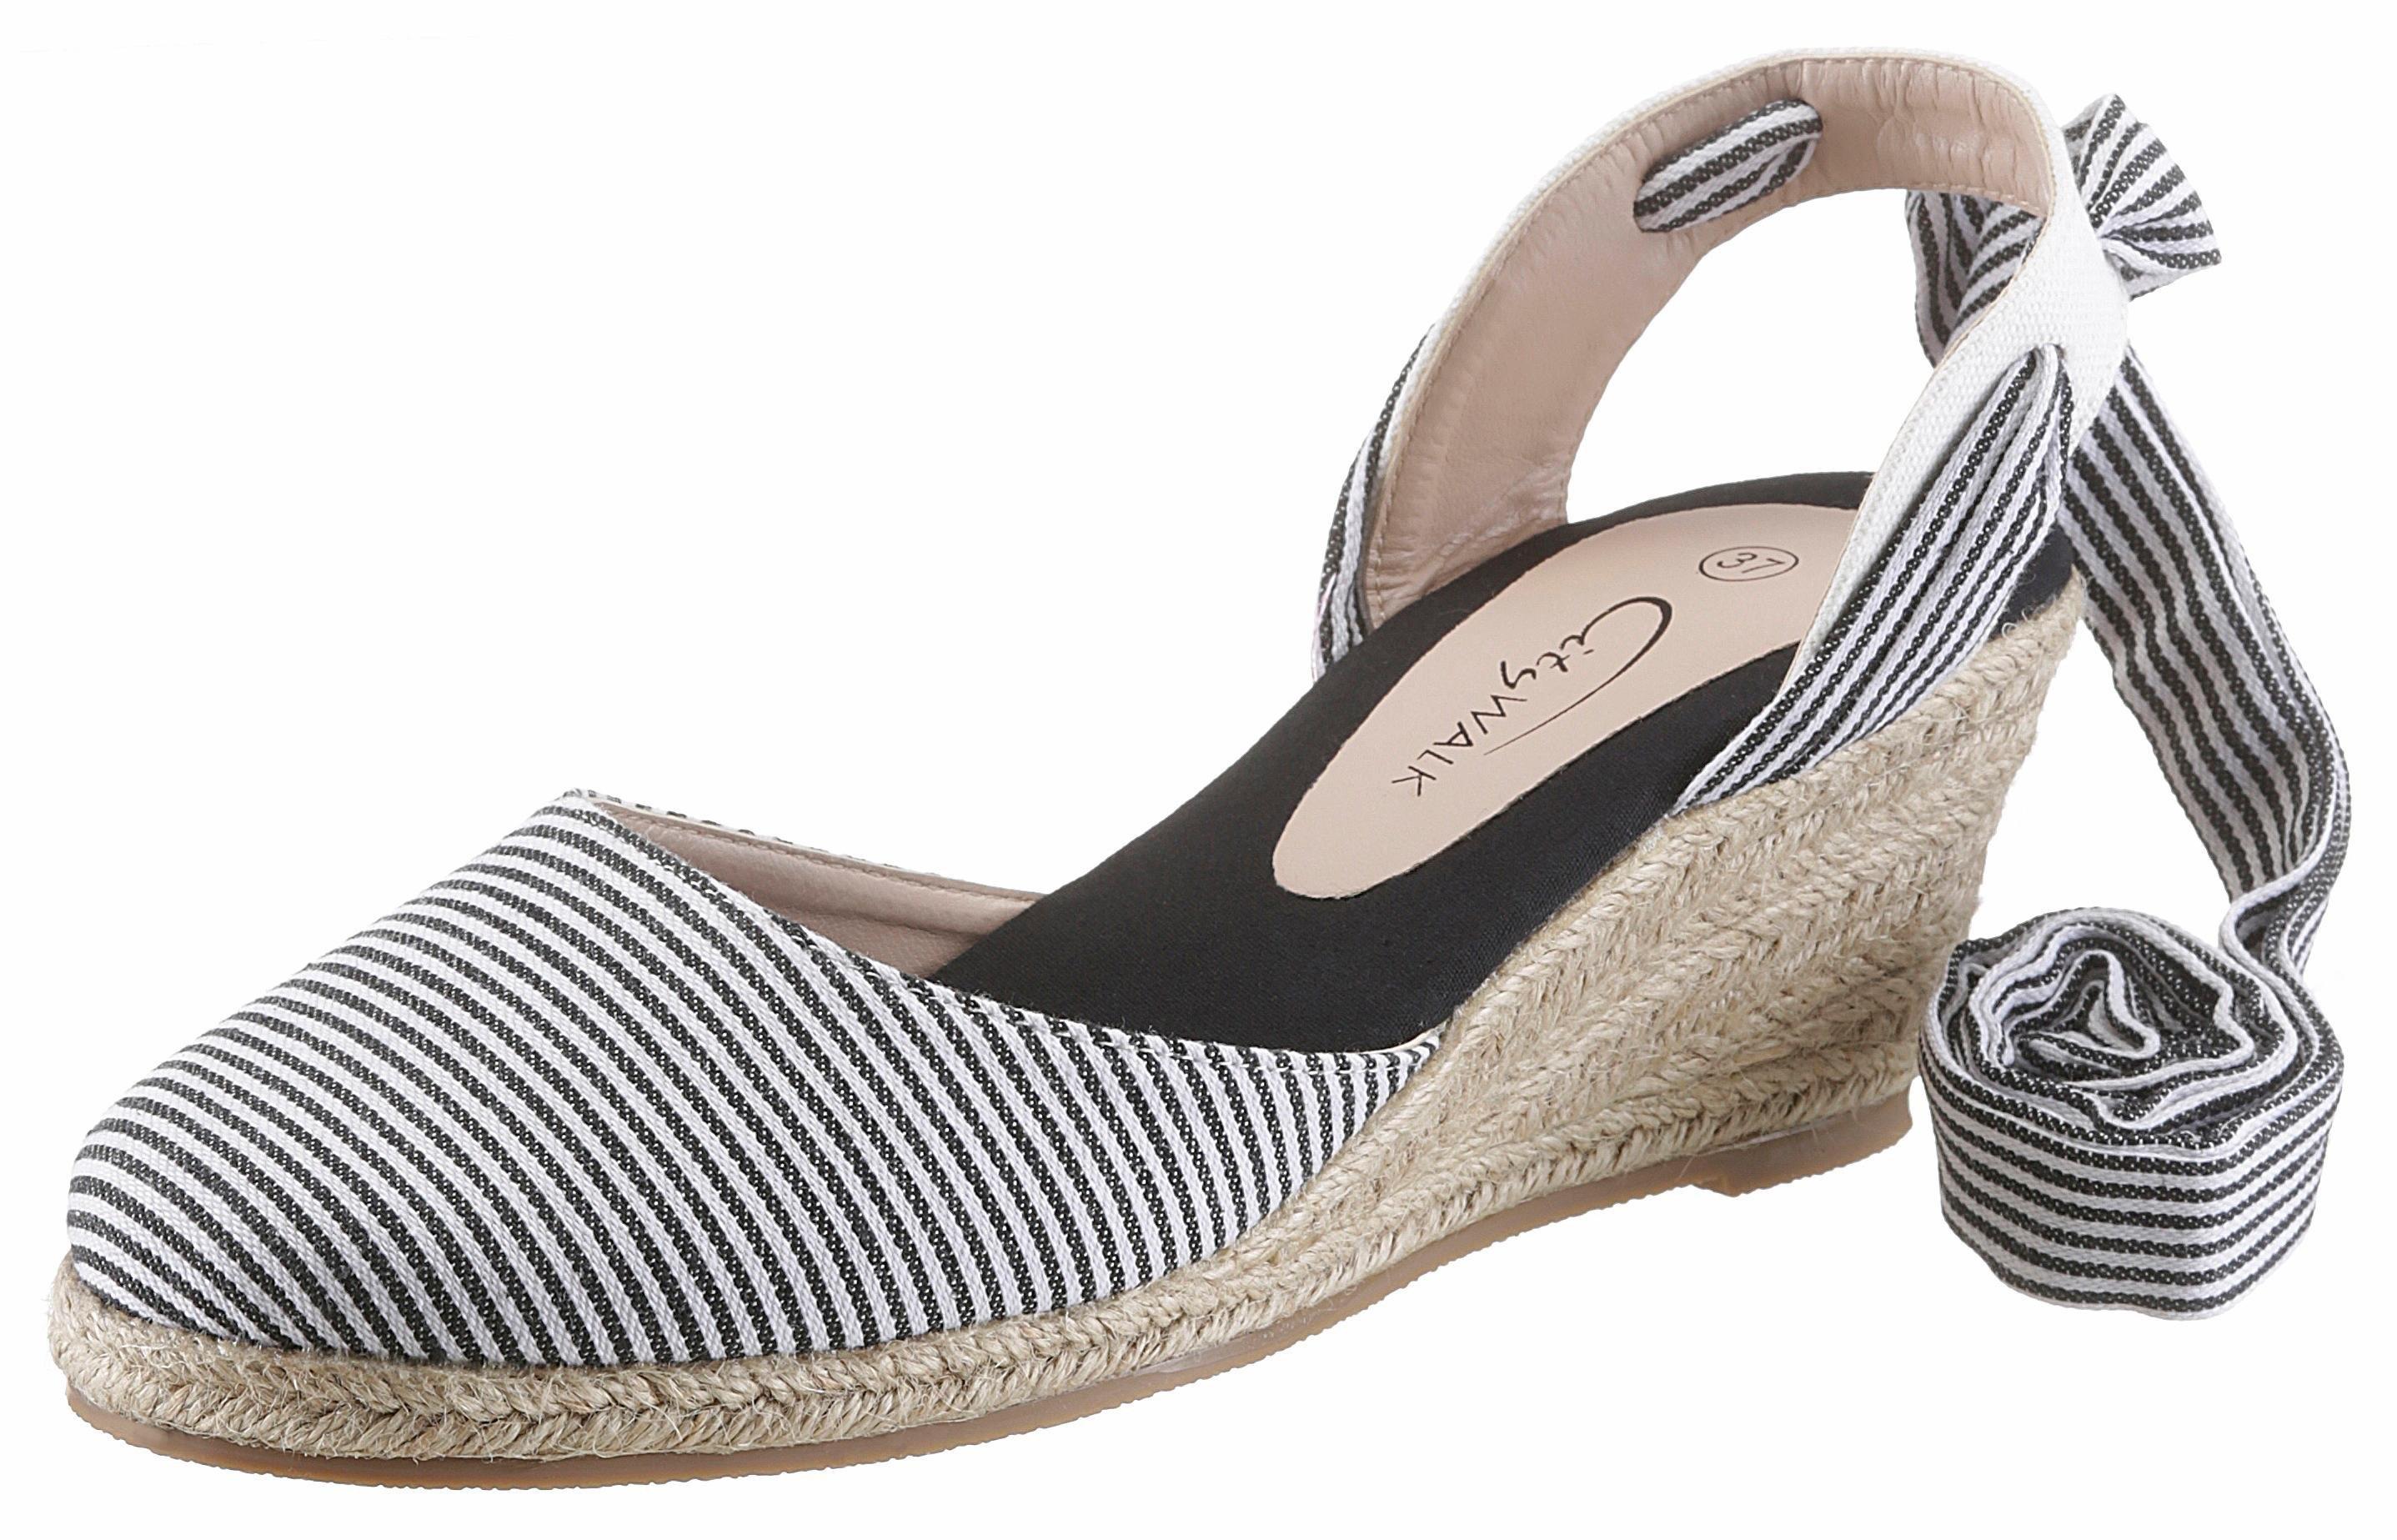 City Walk sandaaltjes bestellen: 14 dagen bedenktijd